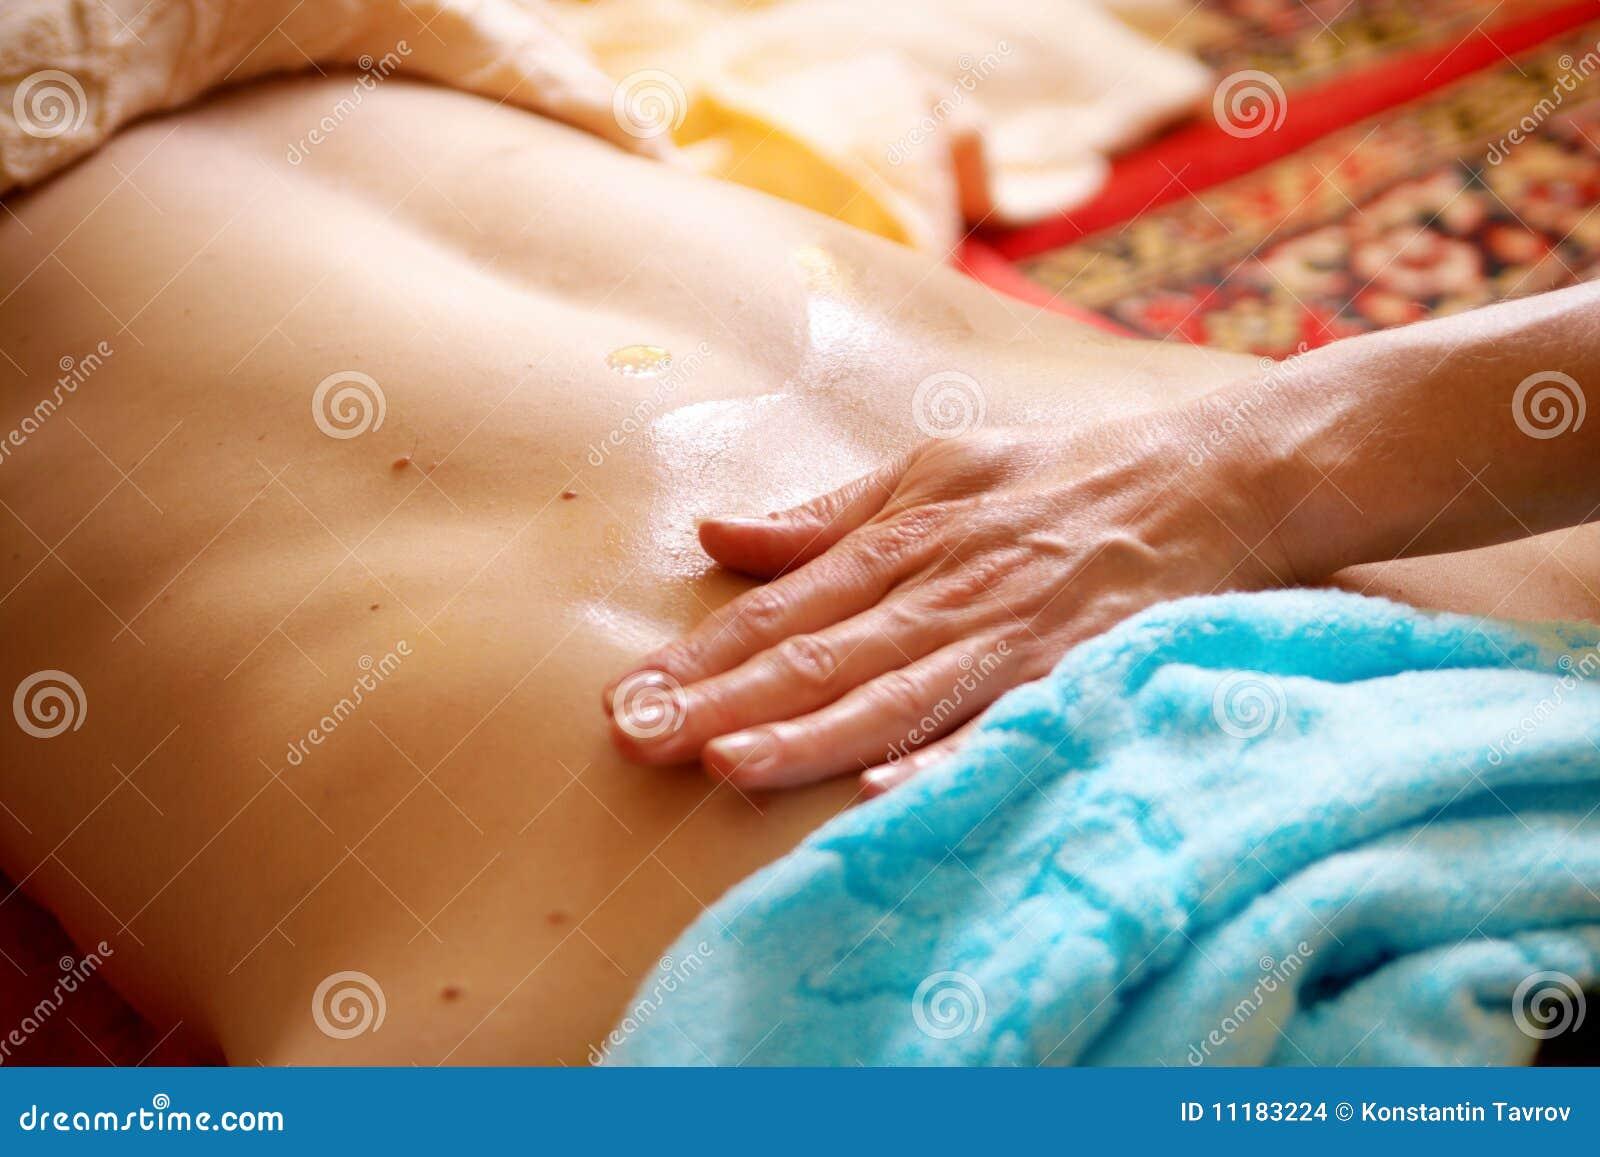 thai massage kruså mandeparfume